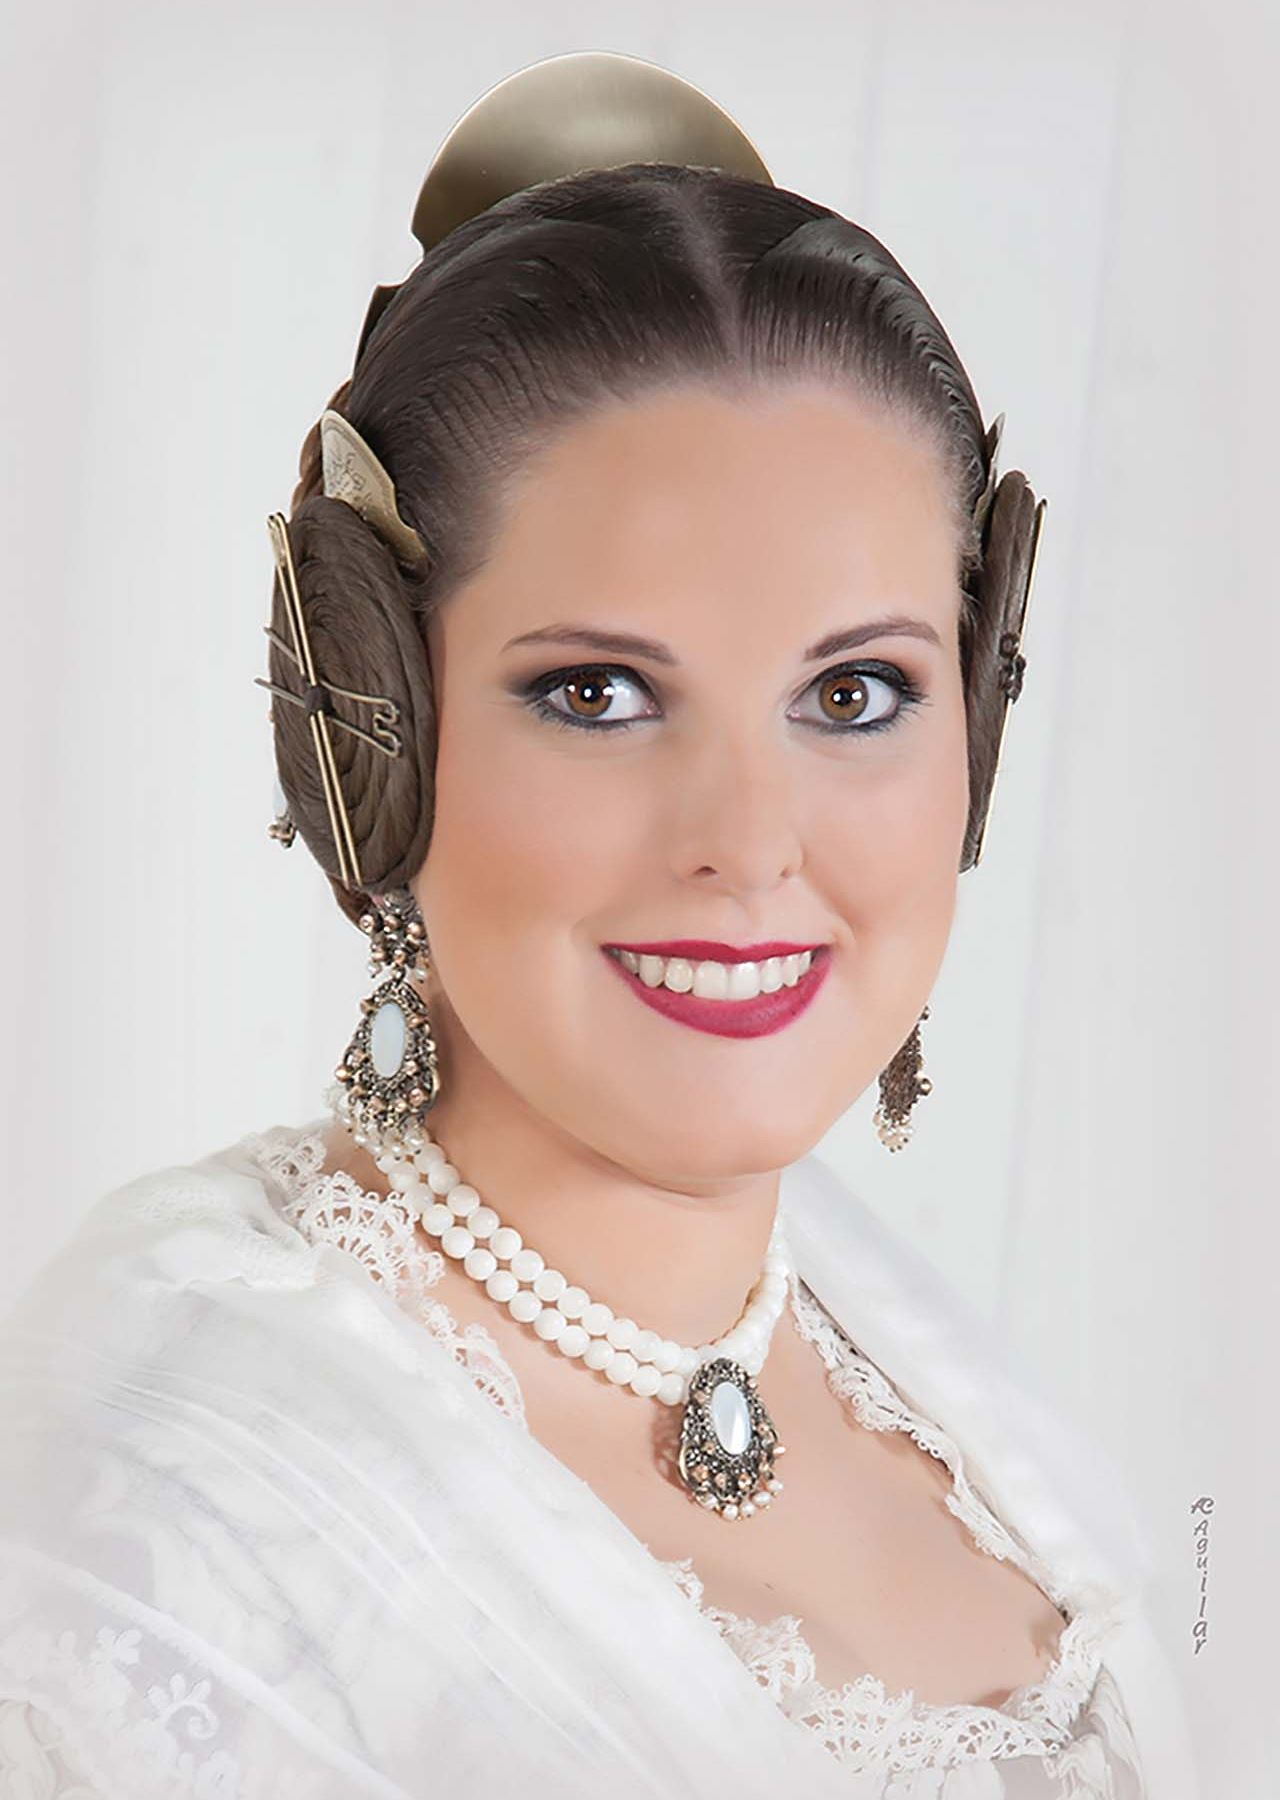 Ana Soler Albuixech